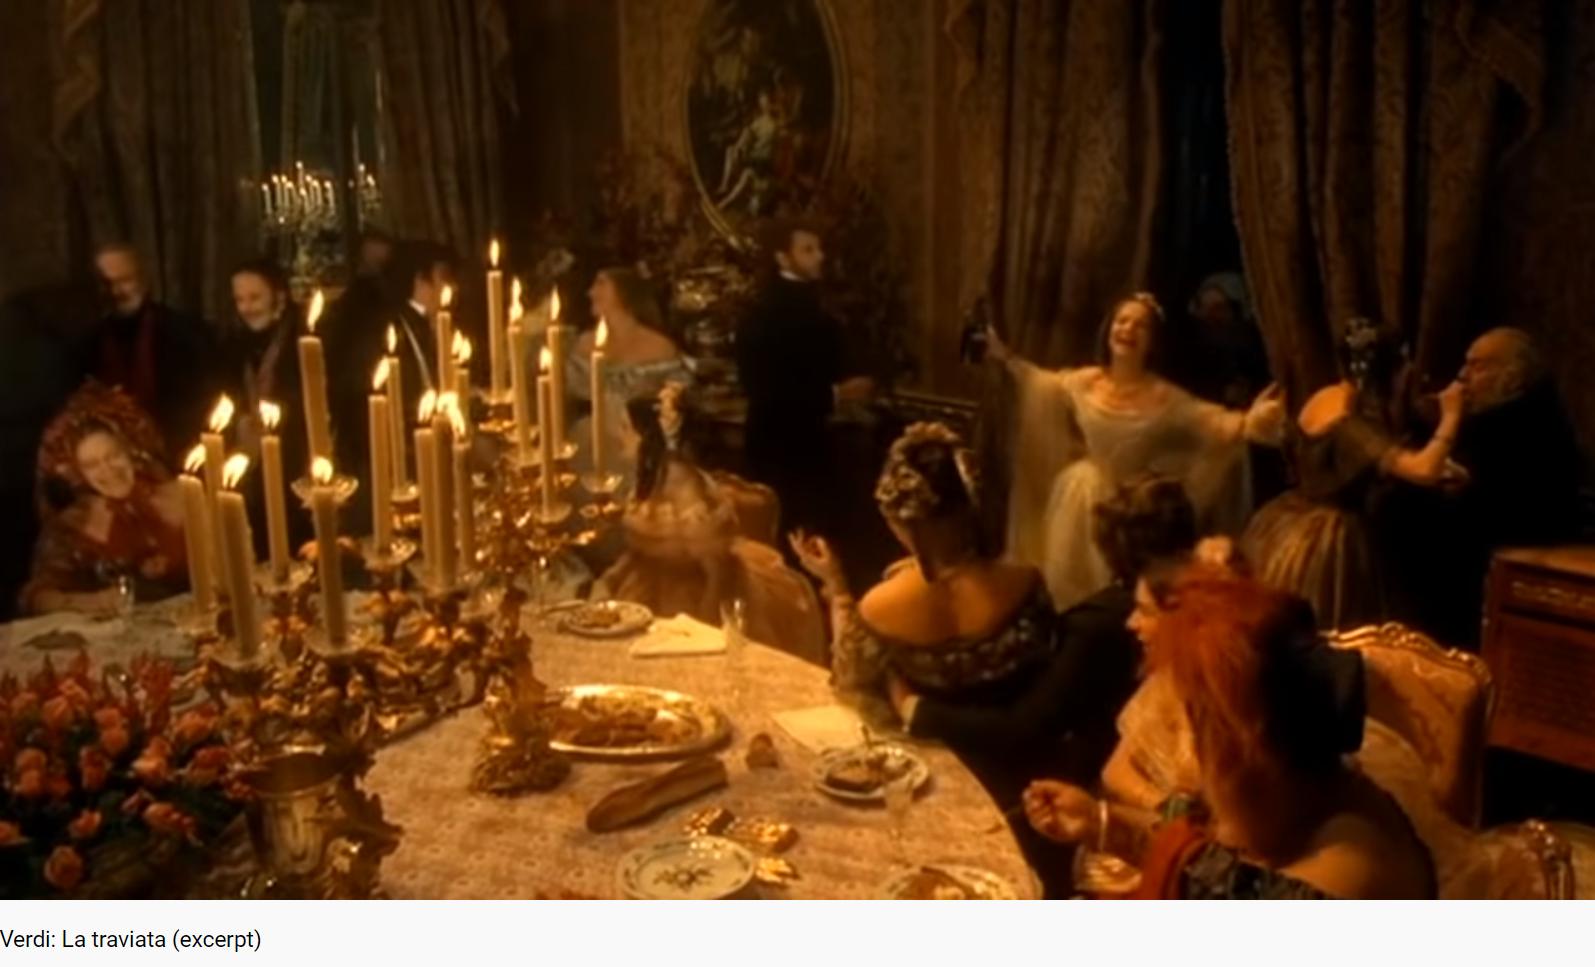 Verdi Traviata Zeffirelli